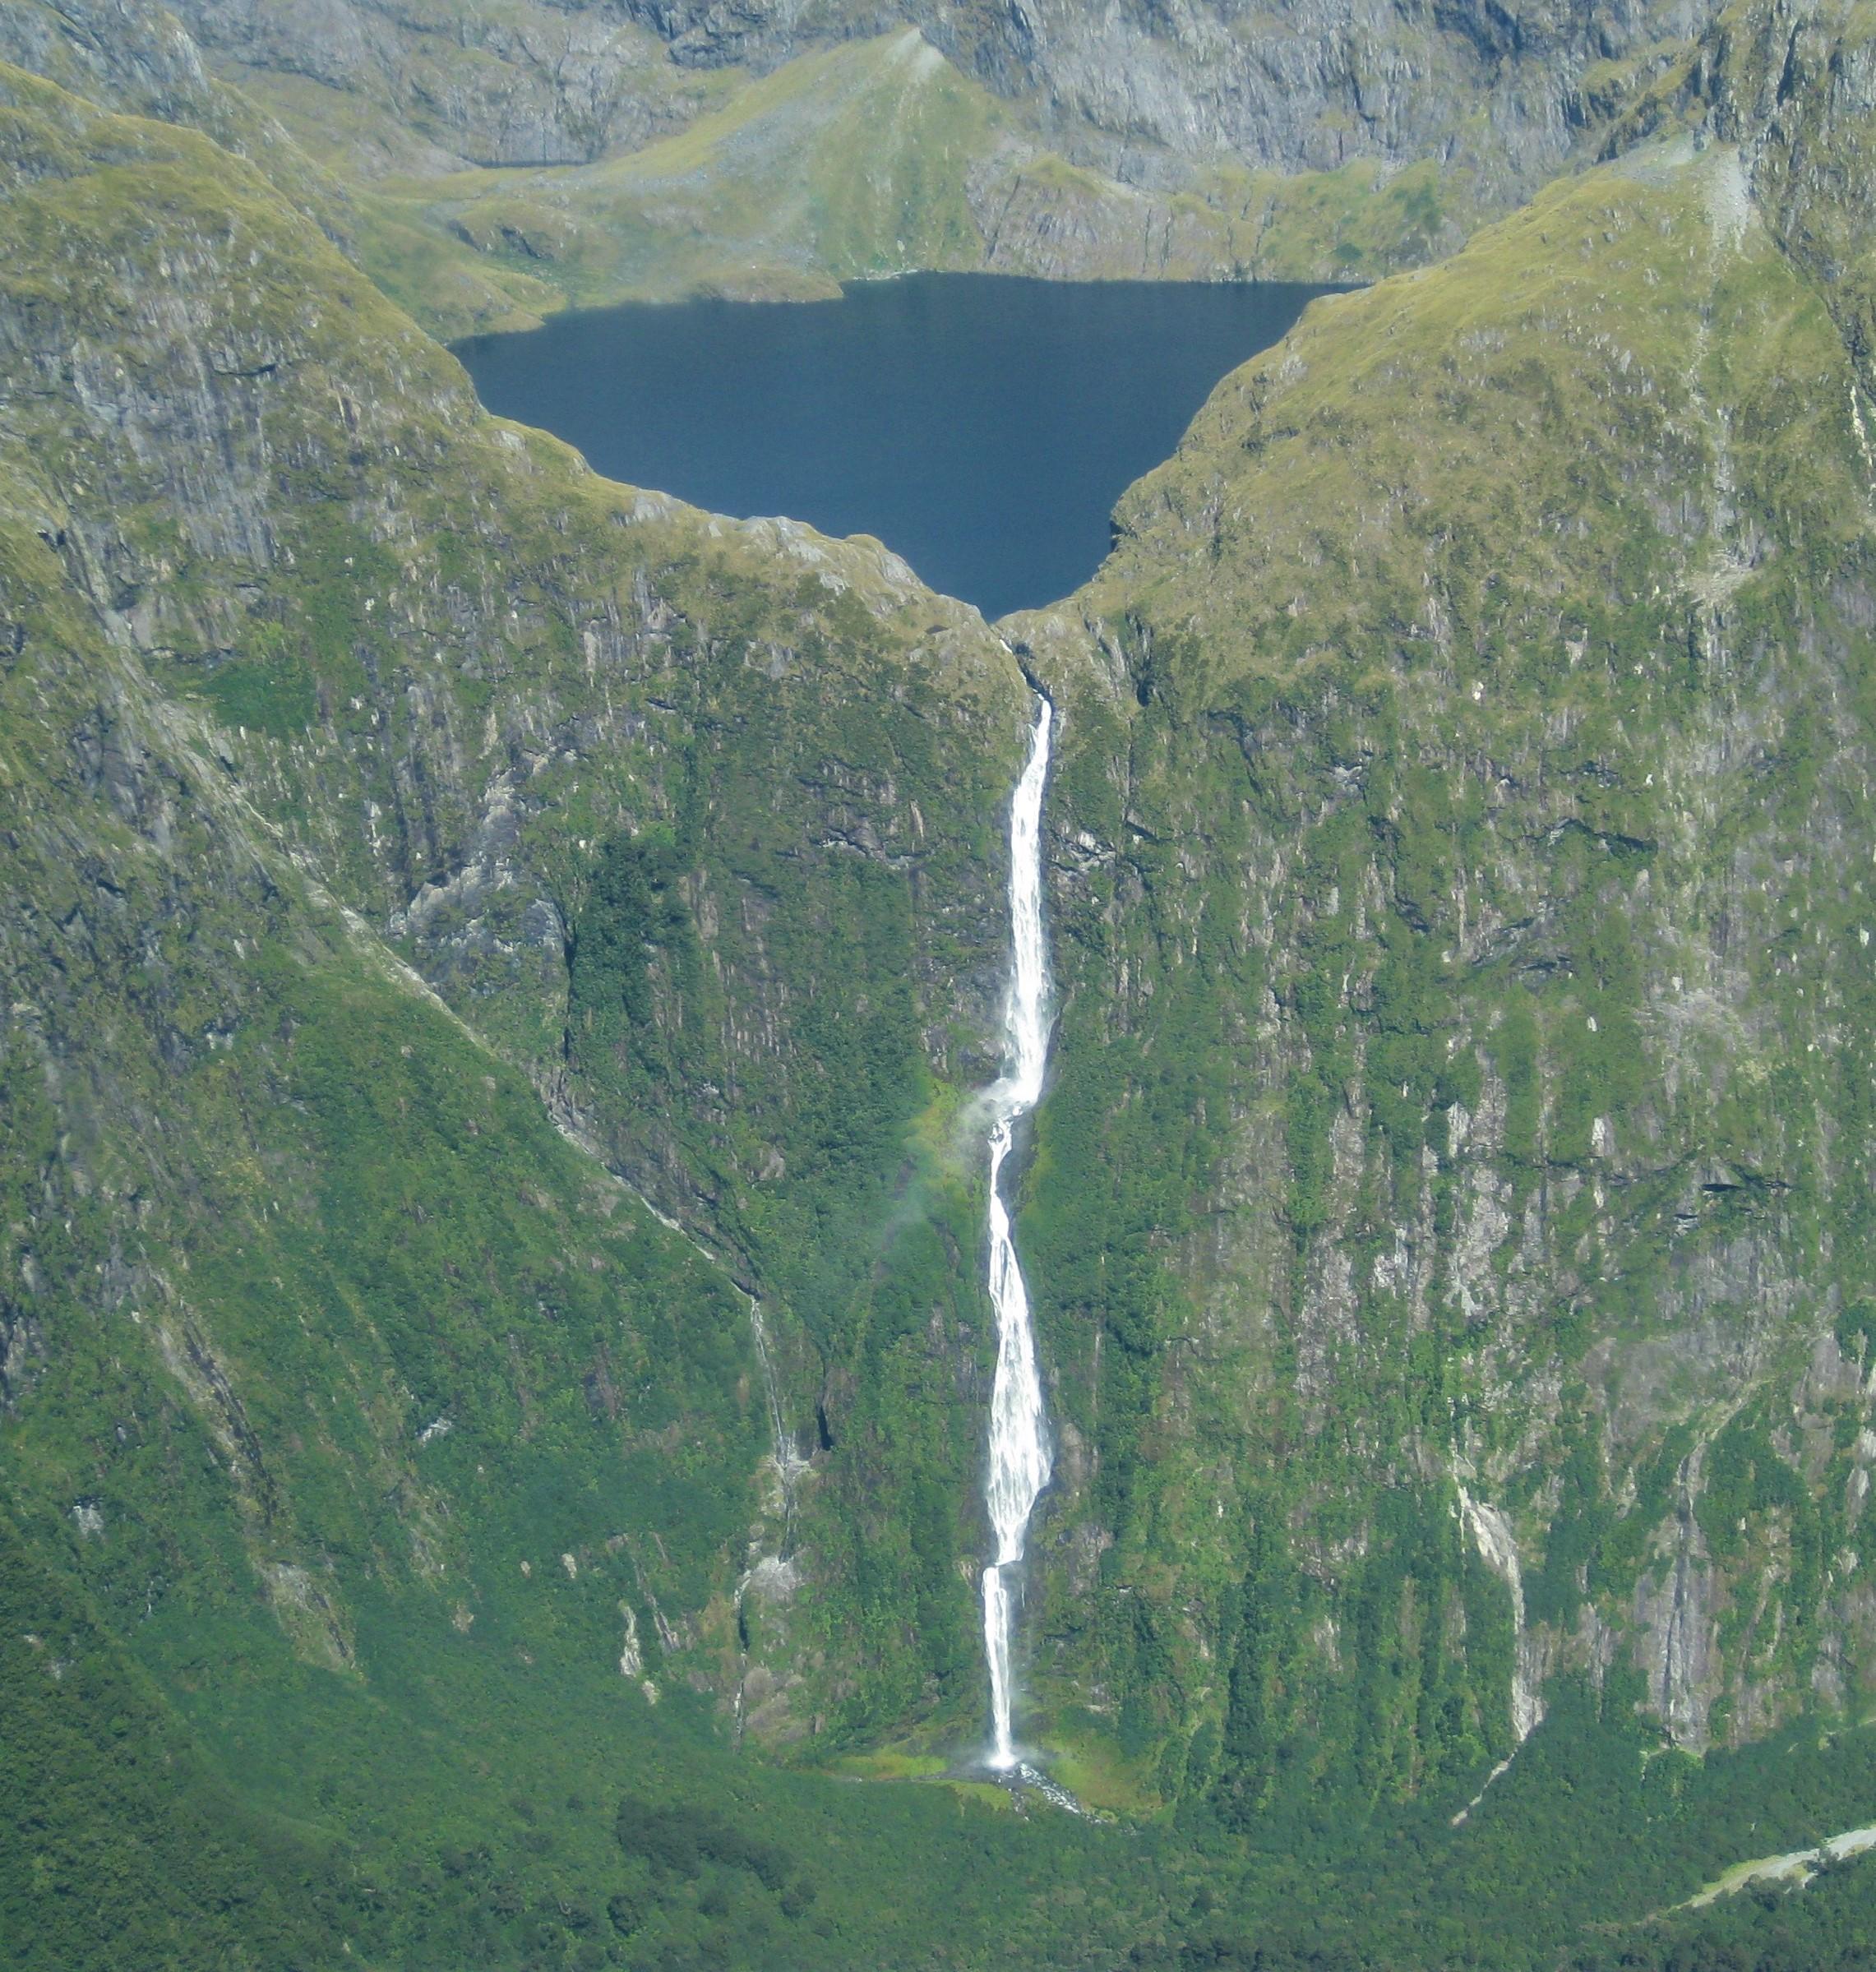 Lake hanging